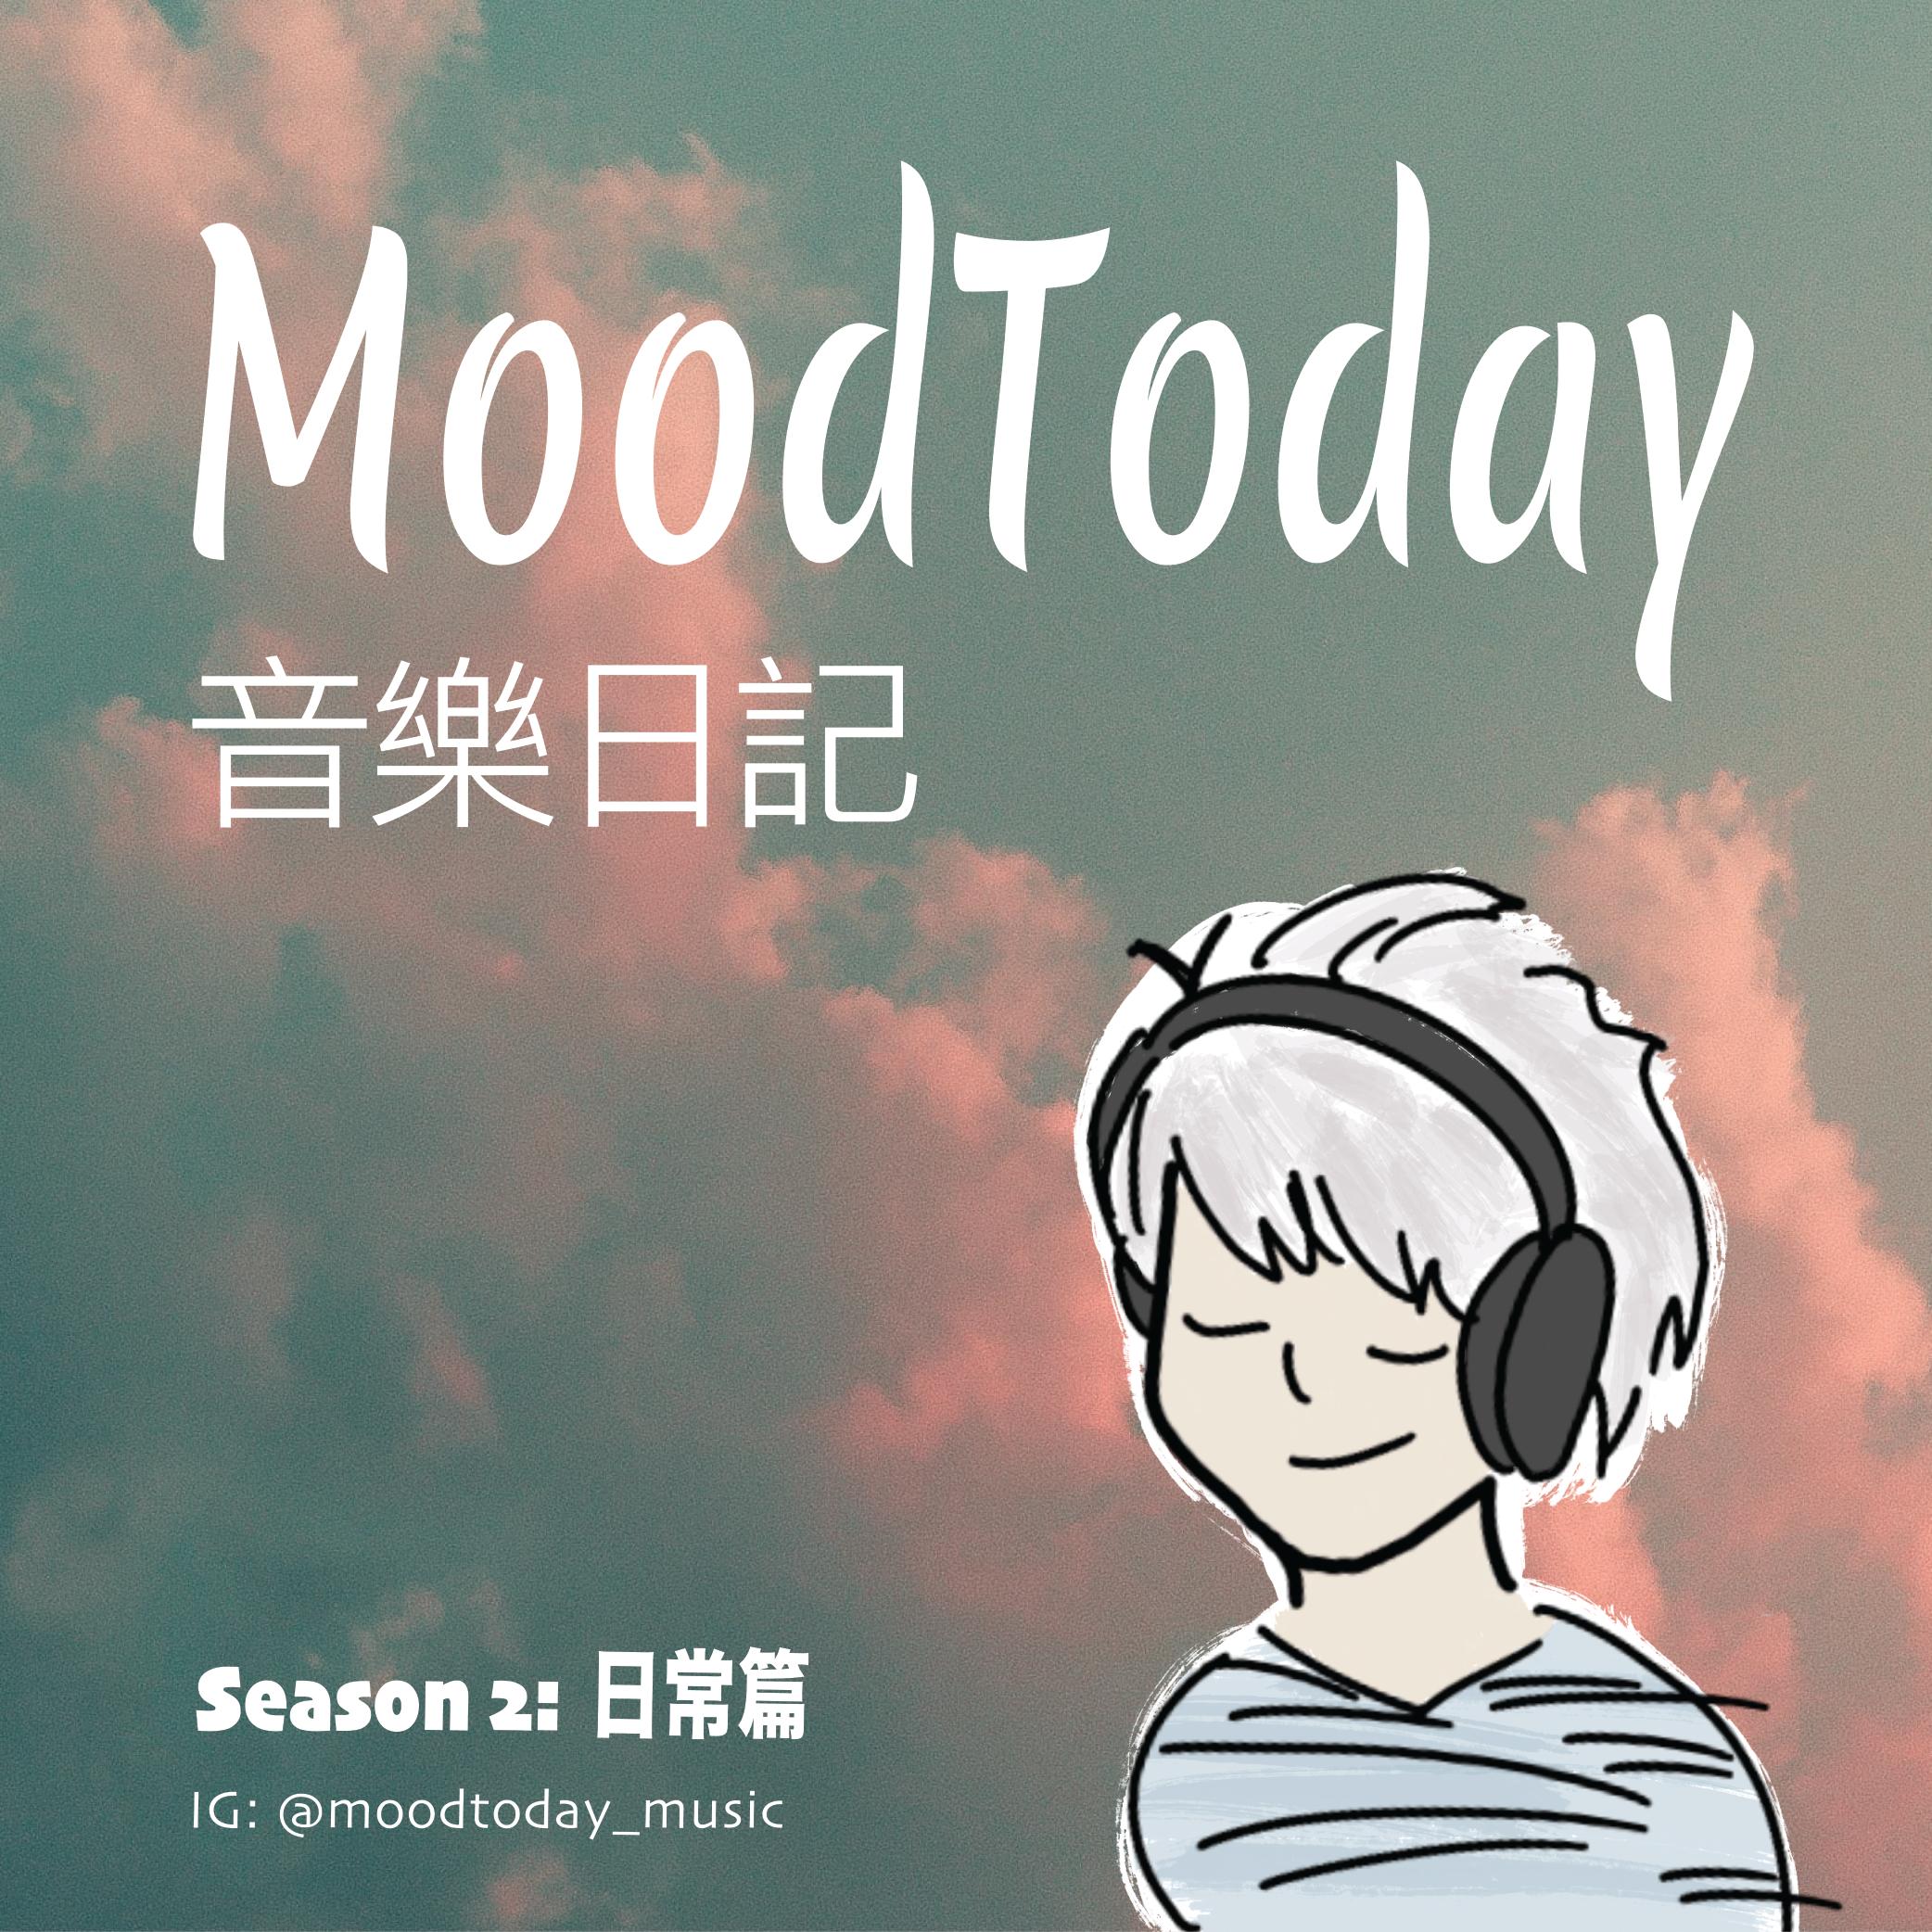 【日常篇 EP3】- 皮膚問題 / 工作進度 / 對結婚的看法/ 原創歌曲試聽